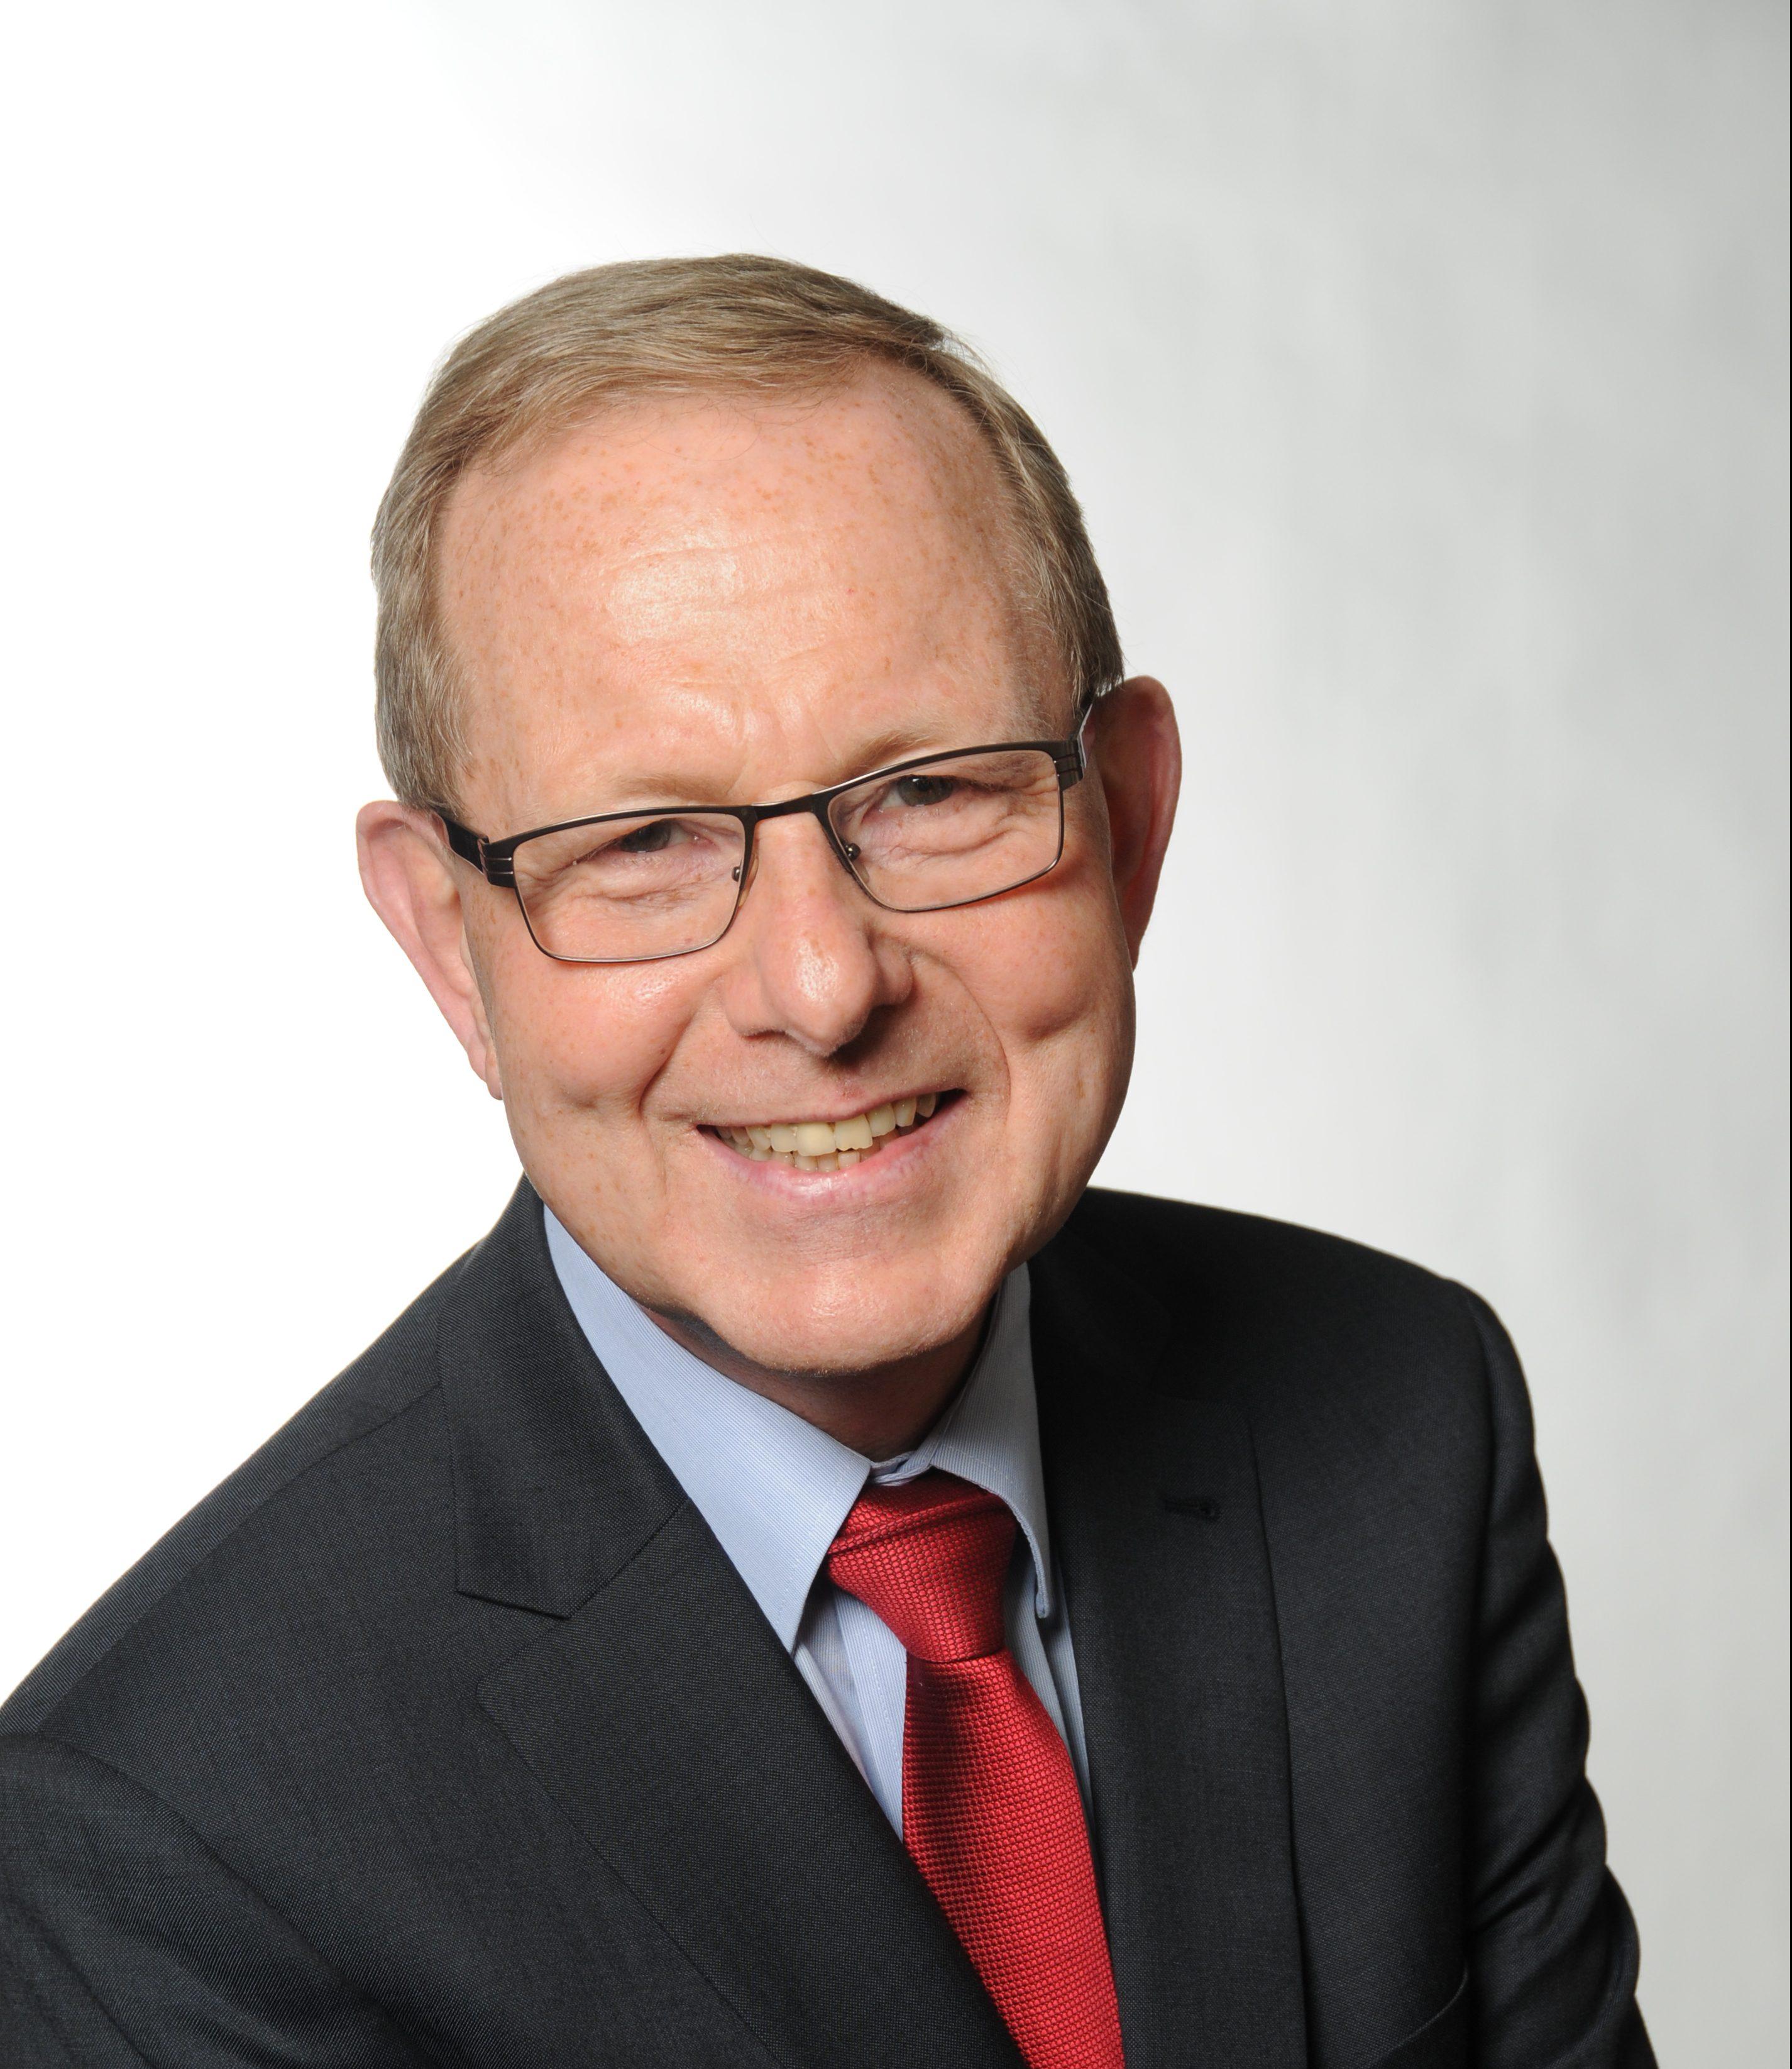 Hans-Peter  Machwürth,  Geschäftsführer, Machwürth Team  International  Consultancy